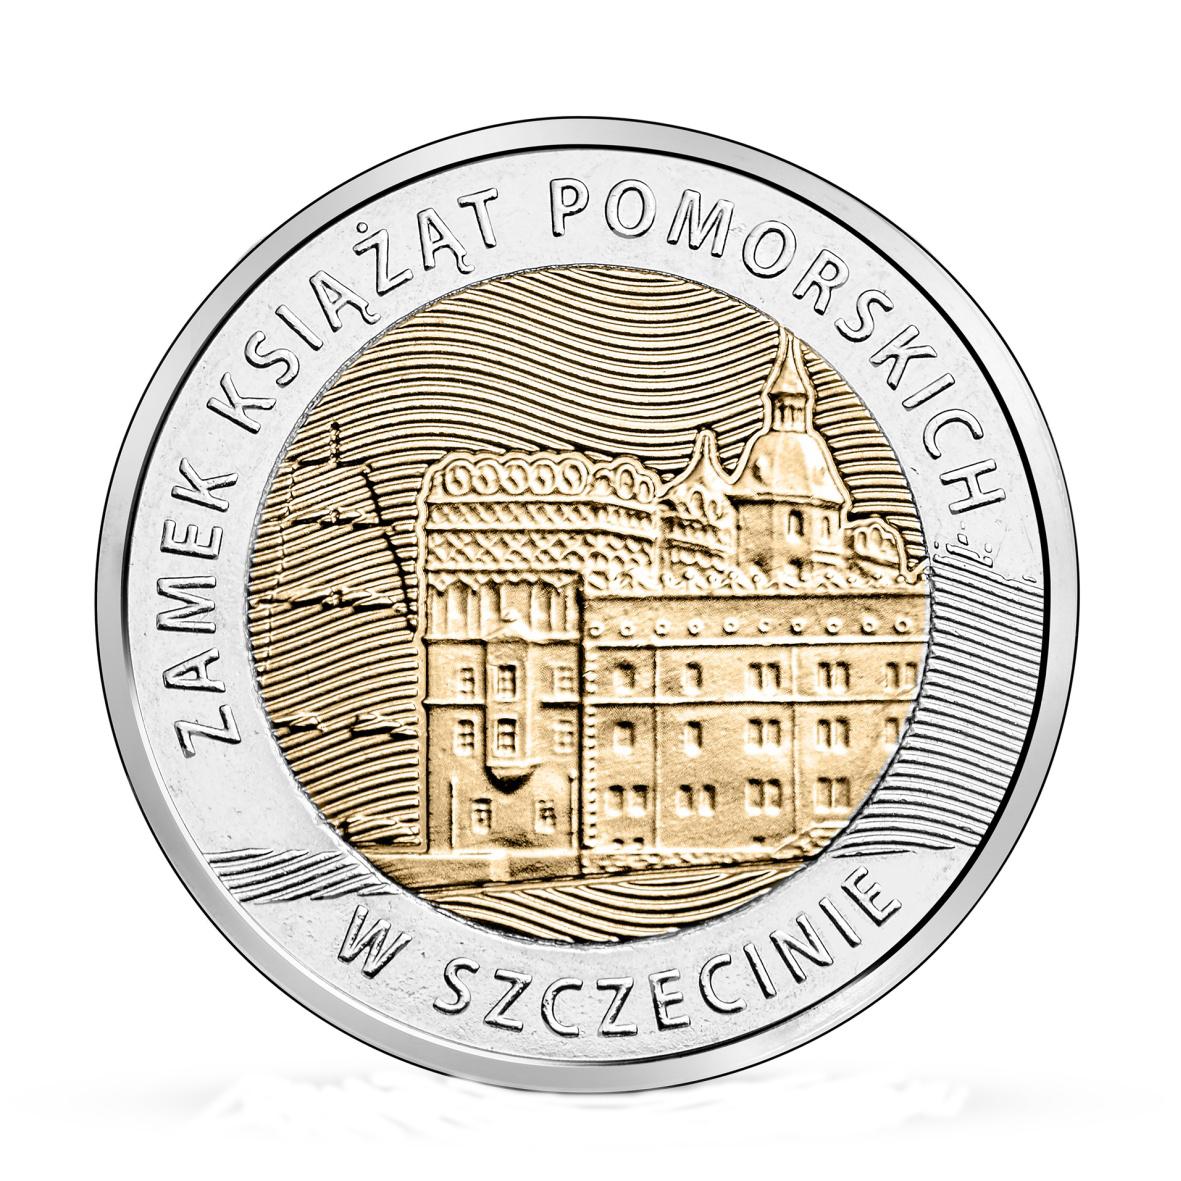 5 золотых Штеттинский замок  в Щецине 2016 г. UNC